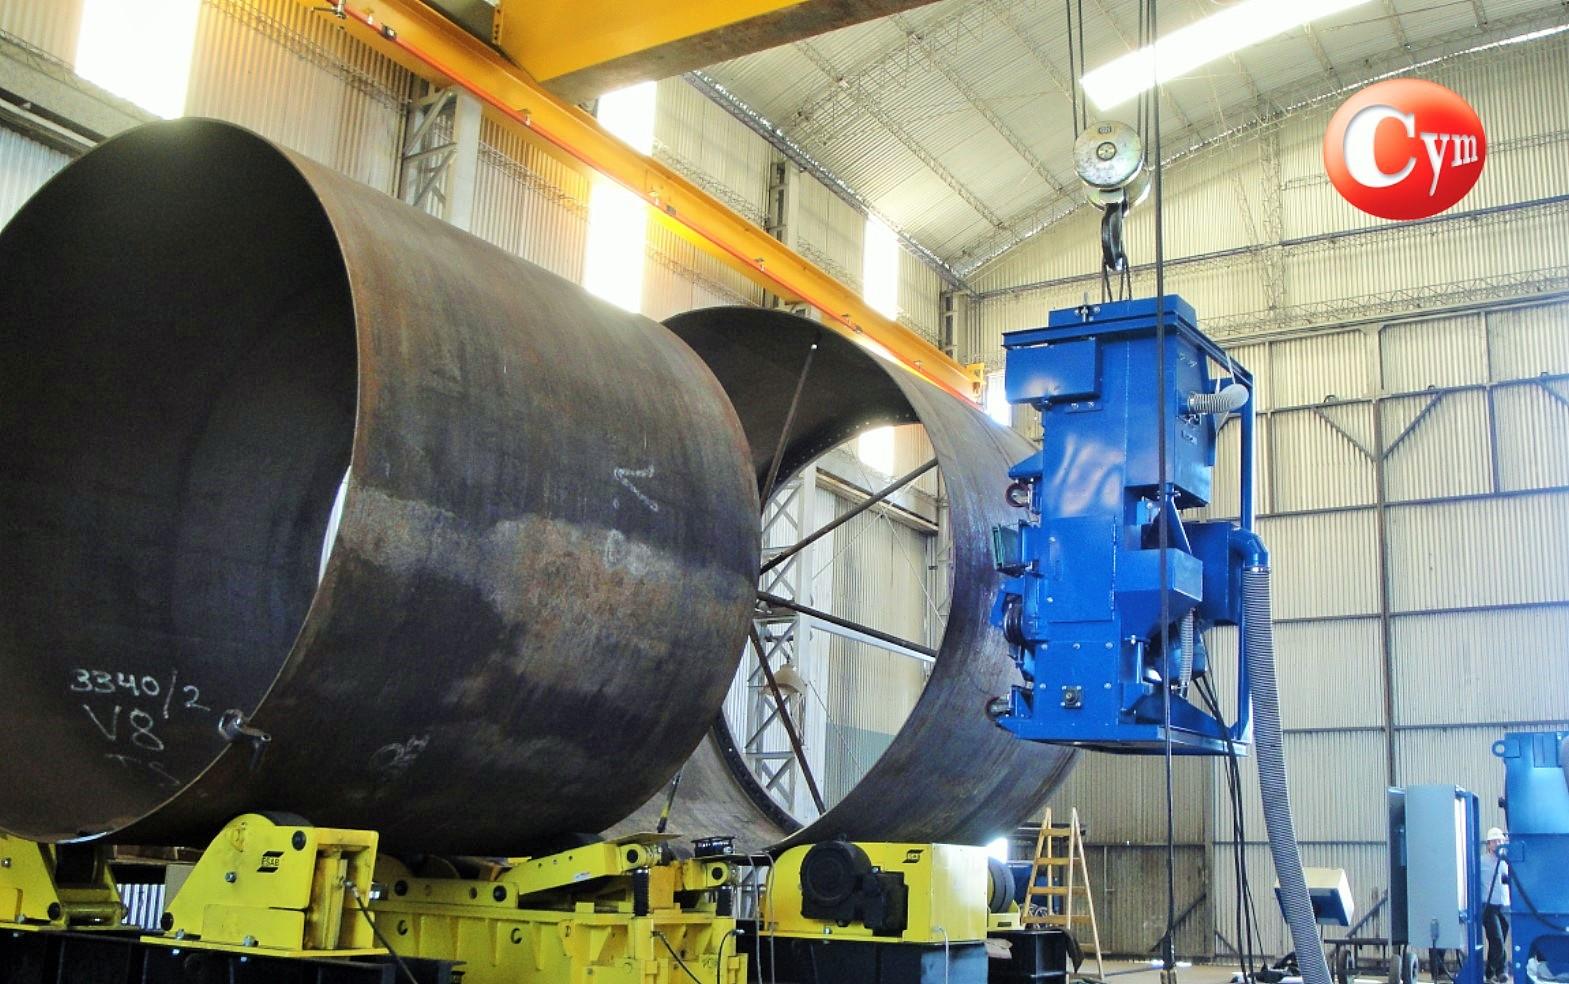 granalladora-de-torres-eolicas-cymmateriales